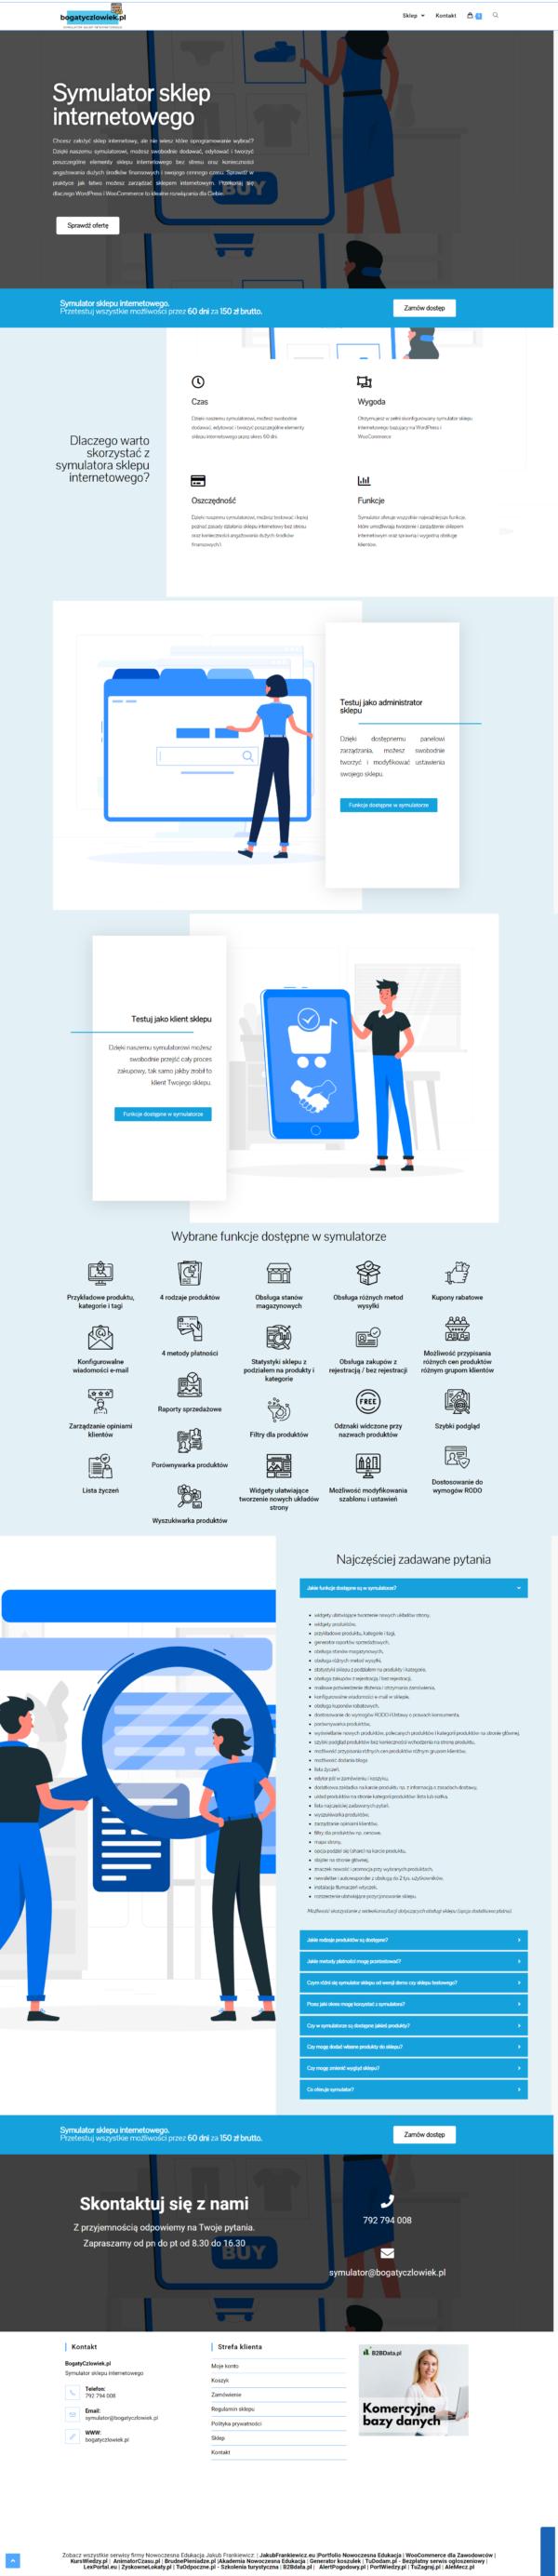 BogatyCzlowiek pl Symulator sklepu internetowego 600x2769 - Symulator sklepu internetowego